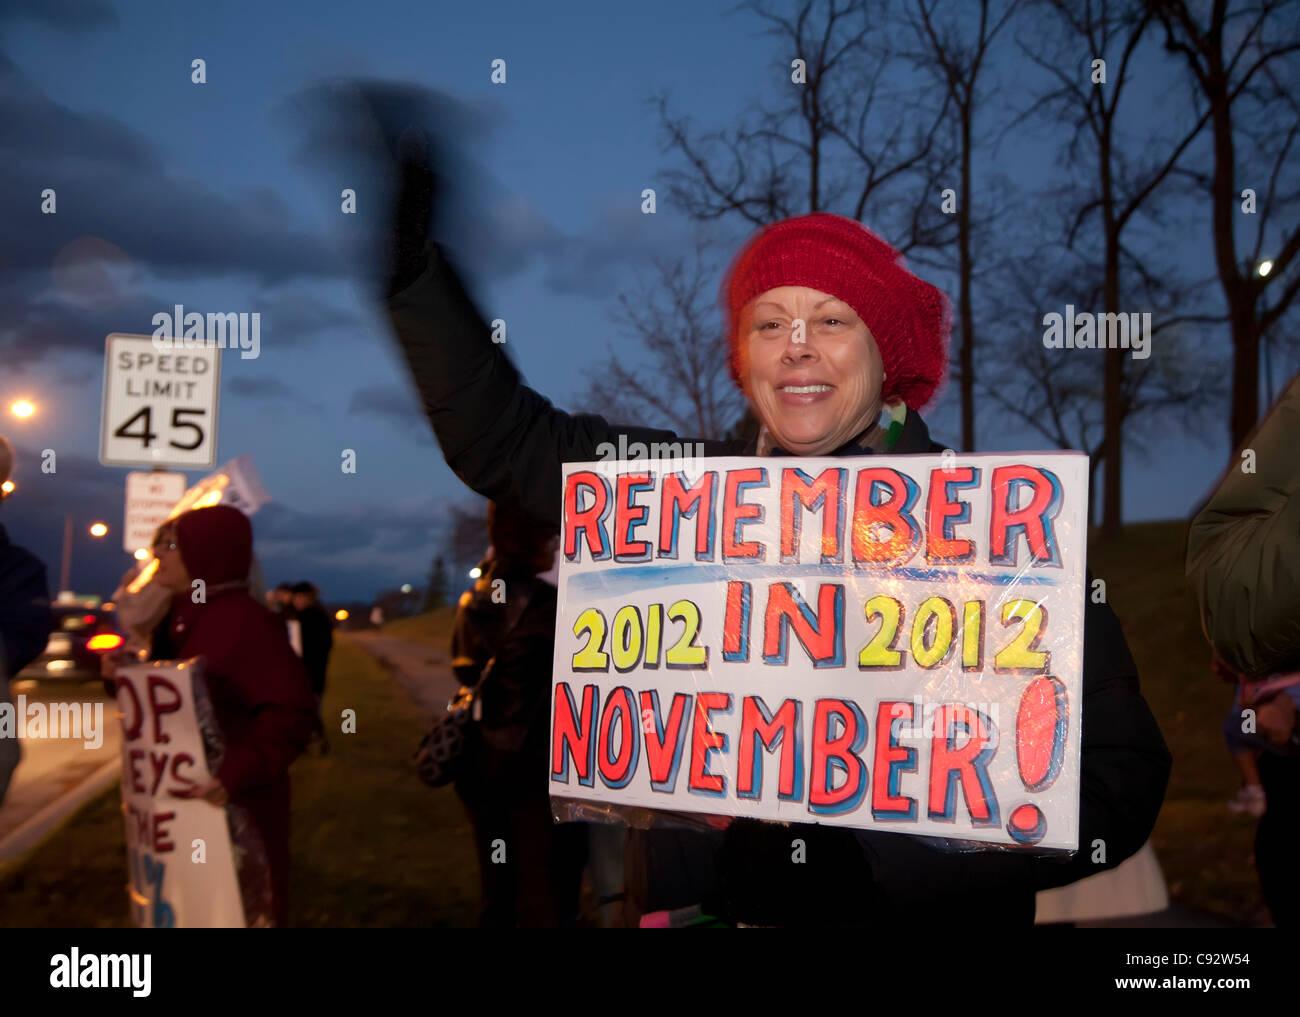 Auburn Hills, Michigan - Menschen Streikposten außerhalb der republikanische Präsidentschafts-Debatte an der Oakland University. Stockfoto